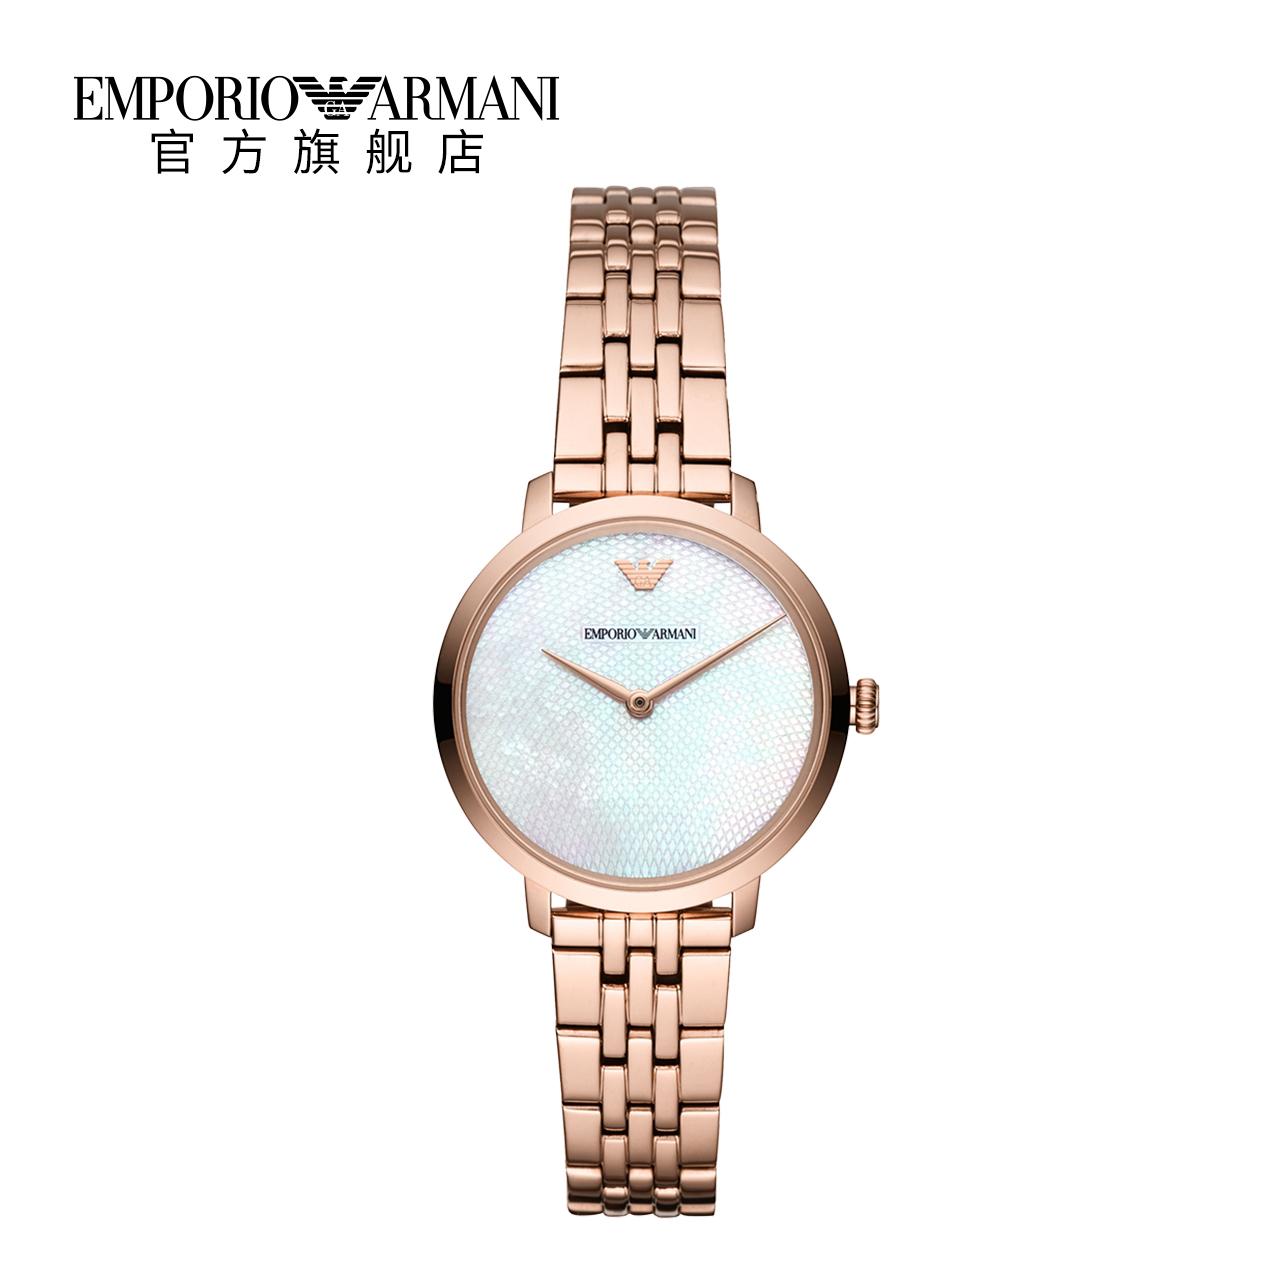 Armani 阿玛尼正品纹理贝母盘手表女 时尚钢带玫瑰金腕表AR11158